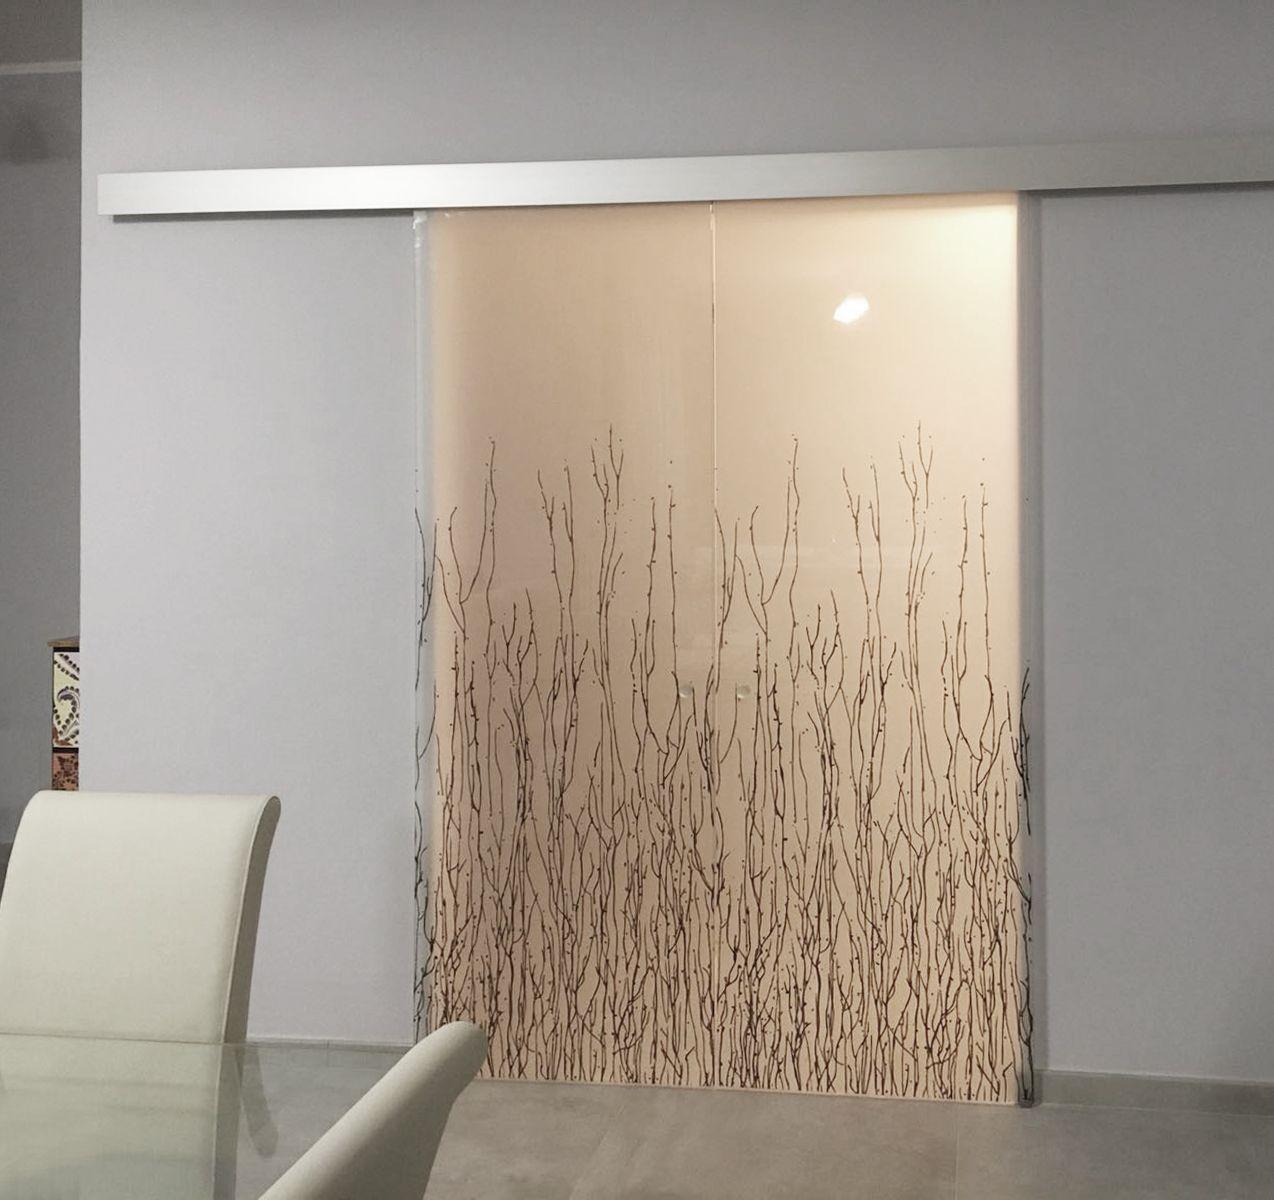 Porte Scorrevoli In Vetro Per Interni Vitra Henry Glass Porte Vetro Decorate Porte Vetro Satinato Porte Vetro Scorrevoli